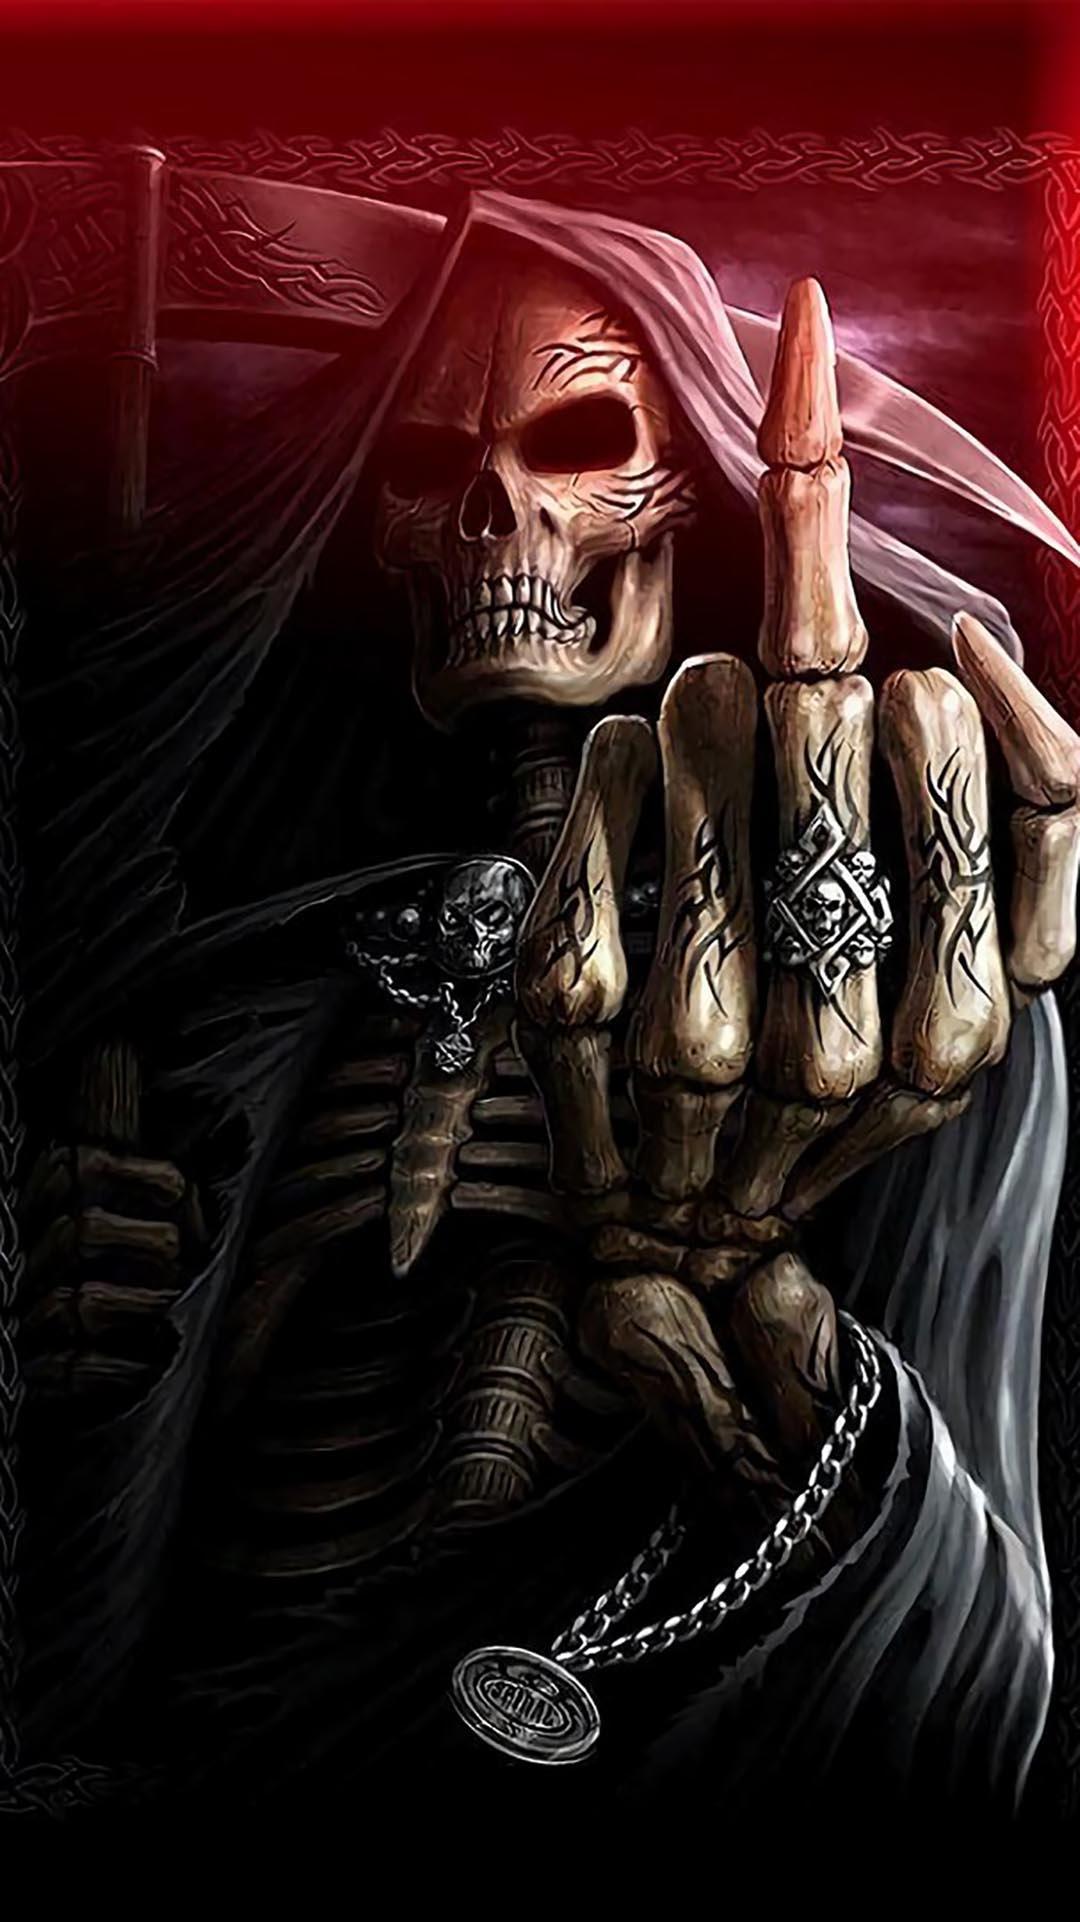 Для, картинки с черепами и скелетами